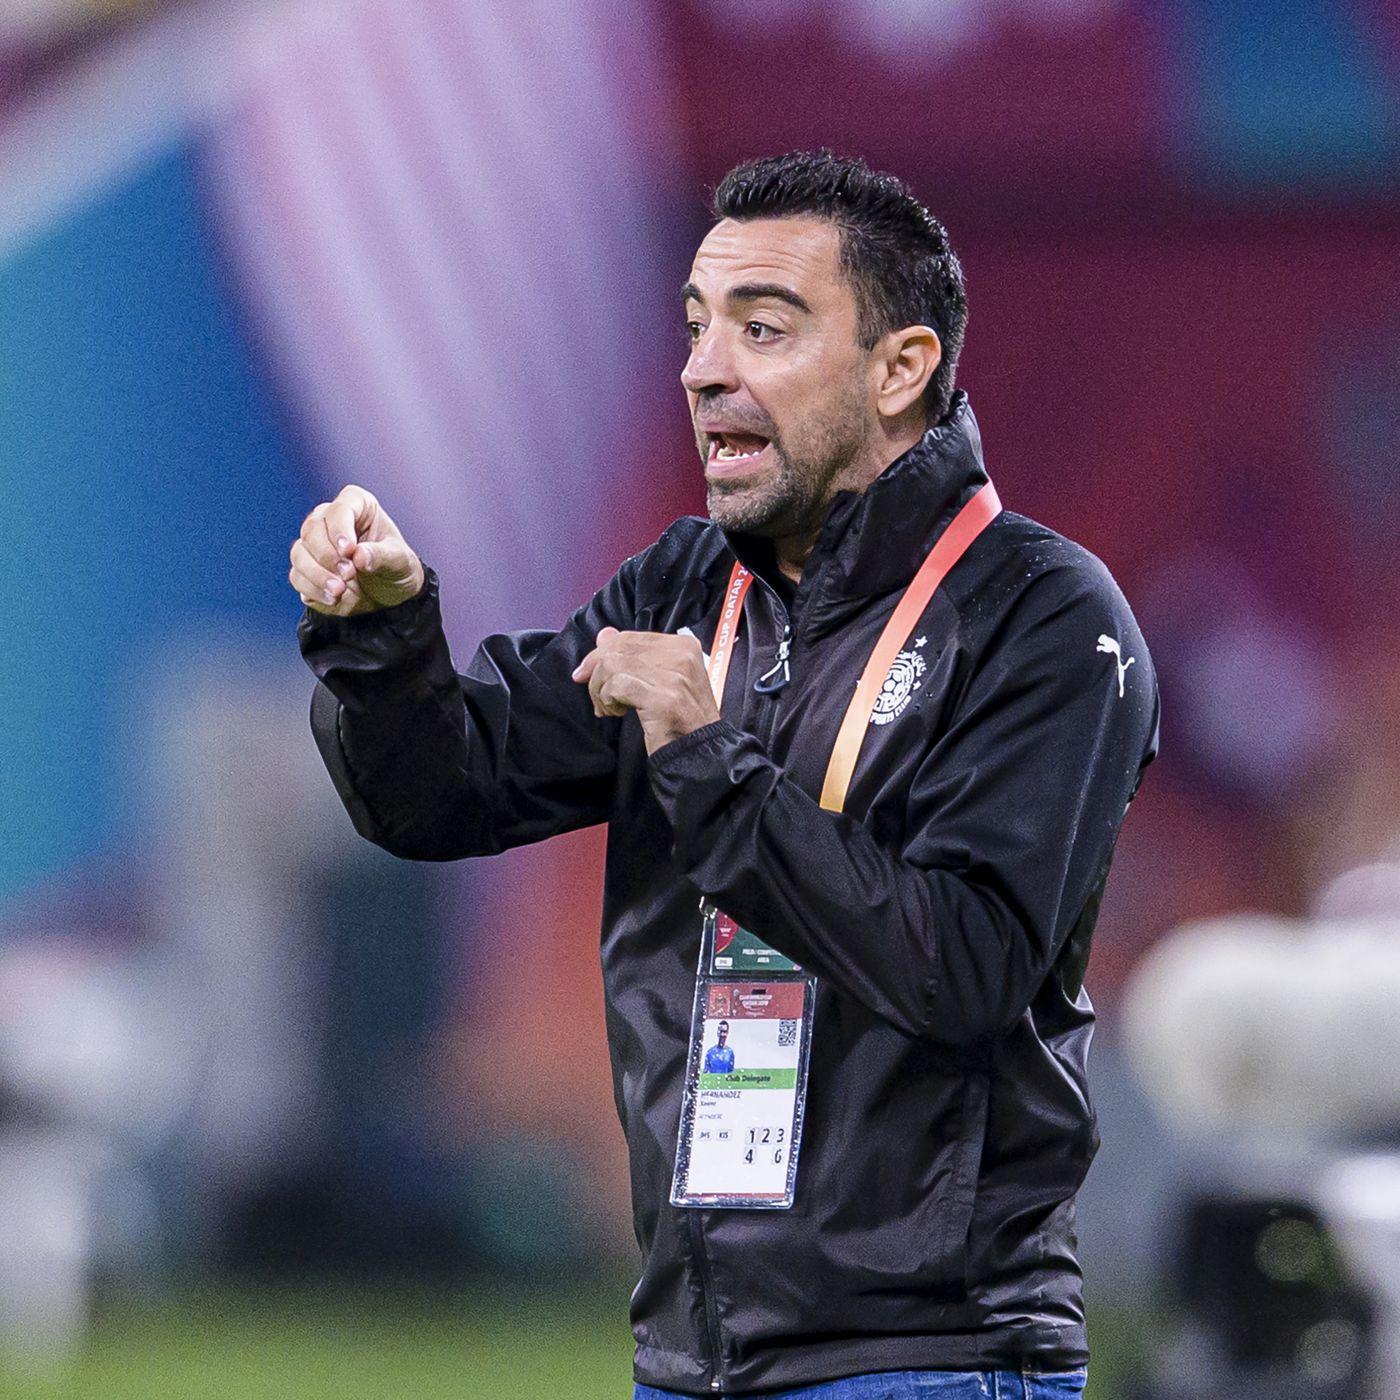 卡塔尔媒体:阿尔萨德不与哈维续约,三天前刚刚亚冠出局